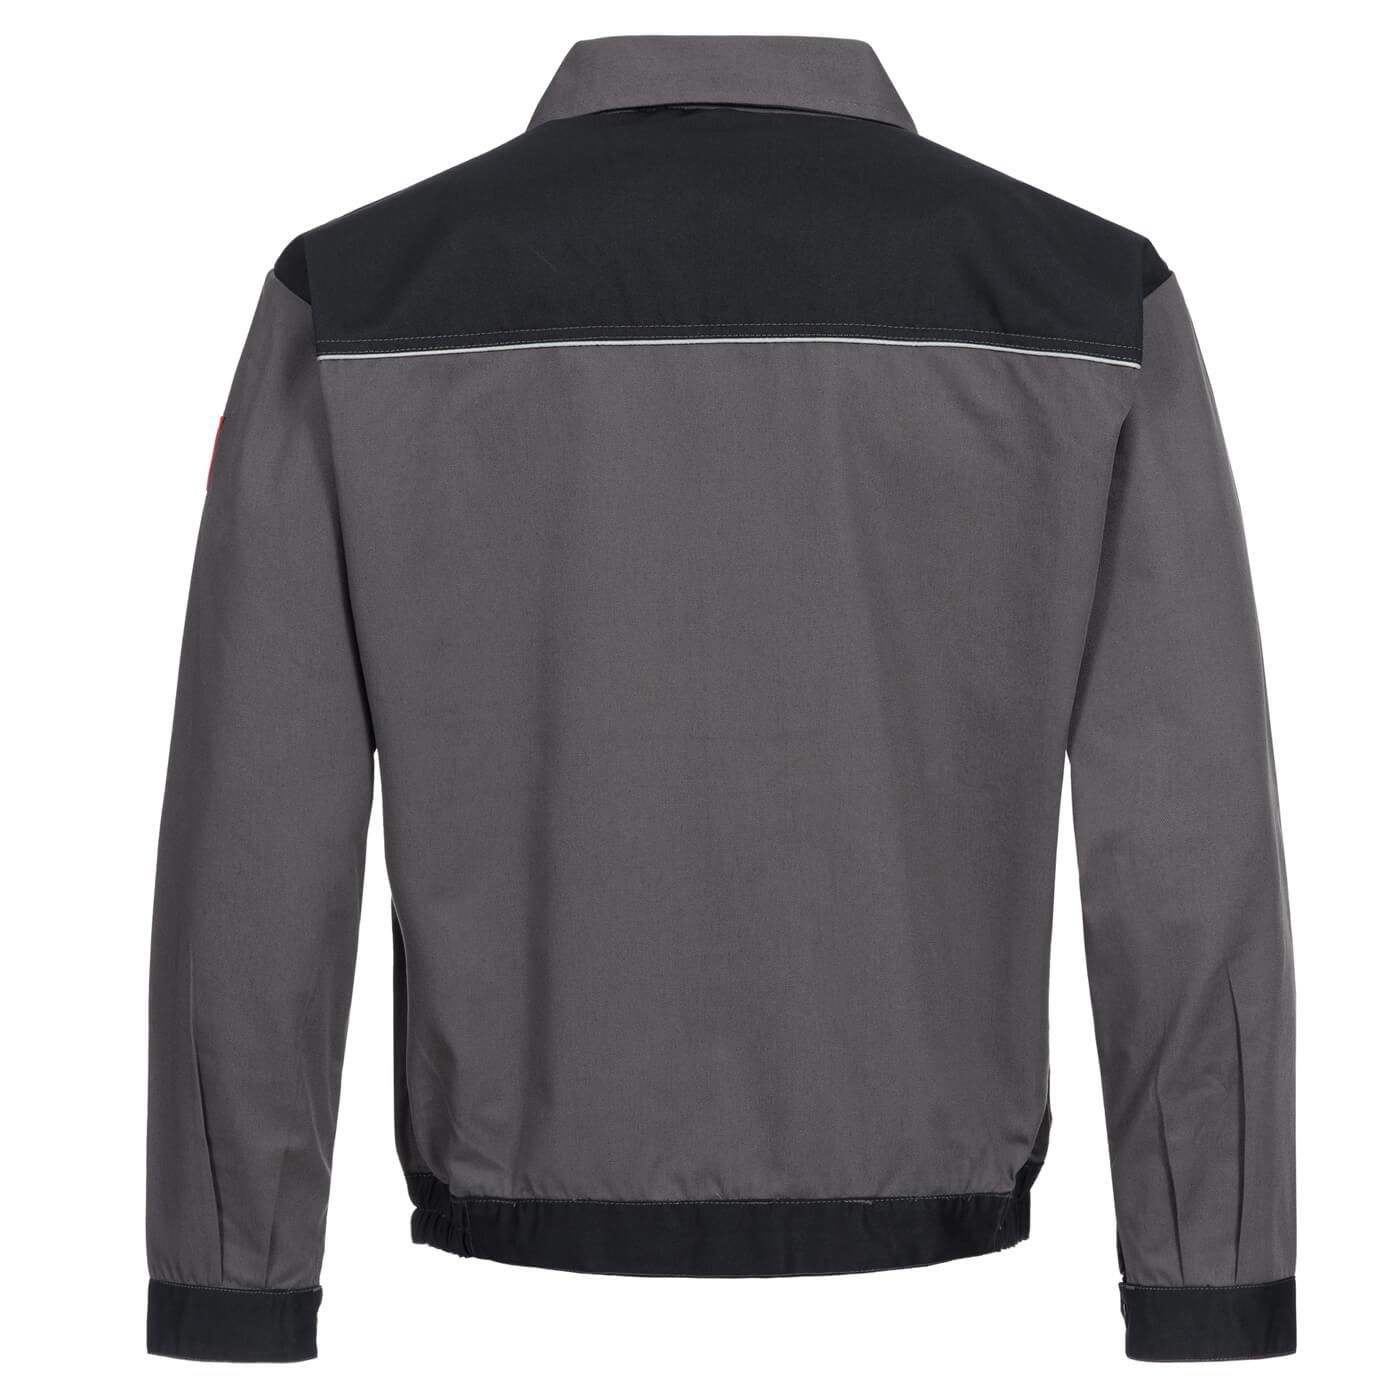 Bluza robocza Nitras 7552